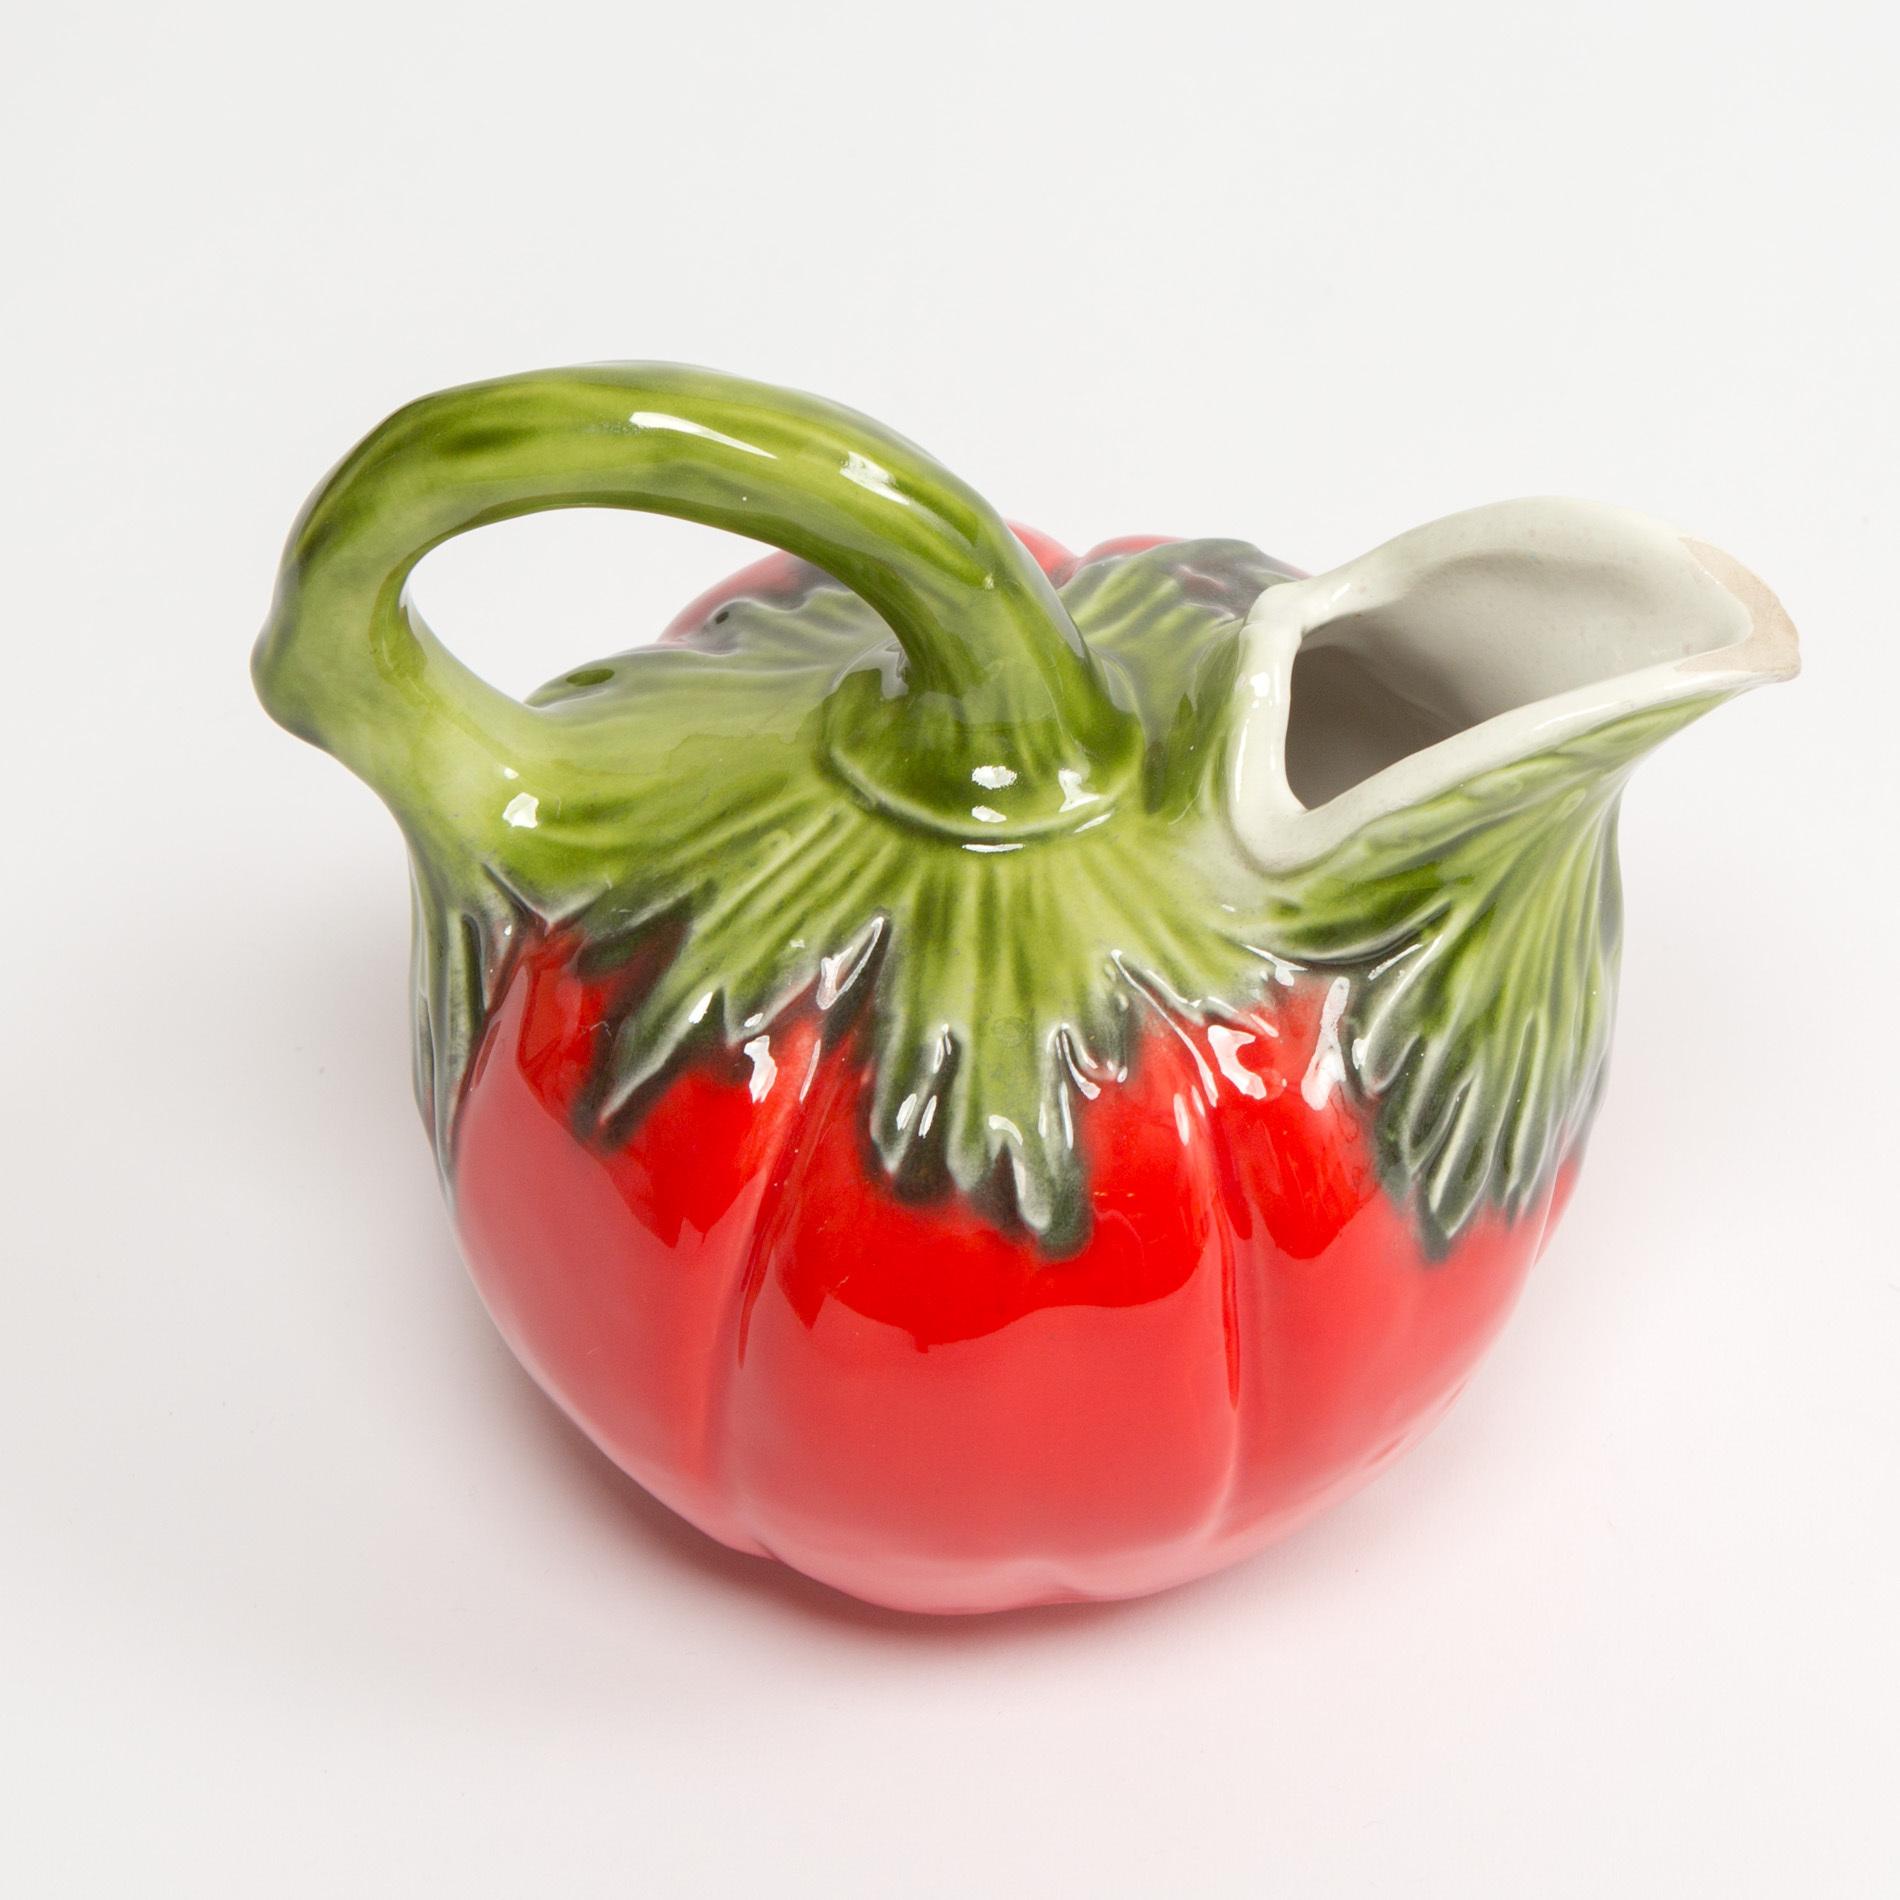 Tomato Jug00002